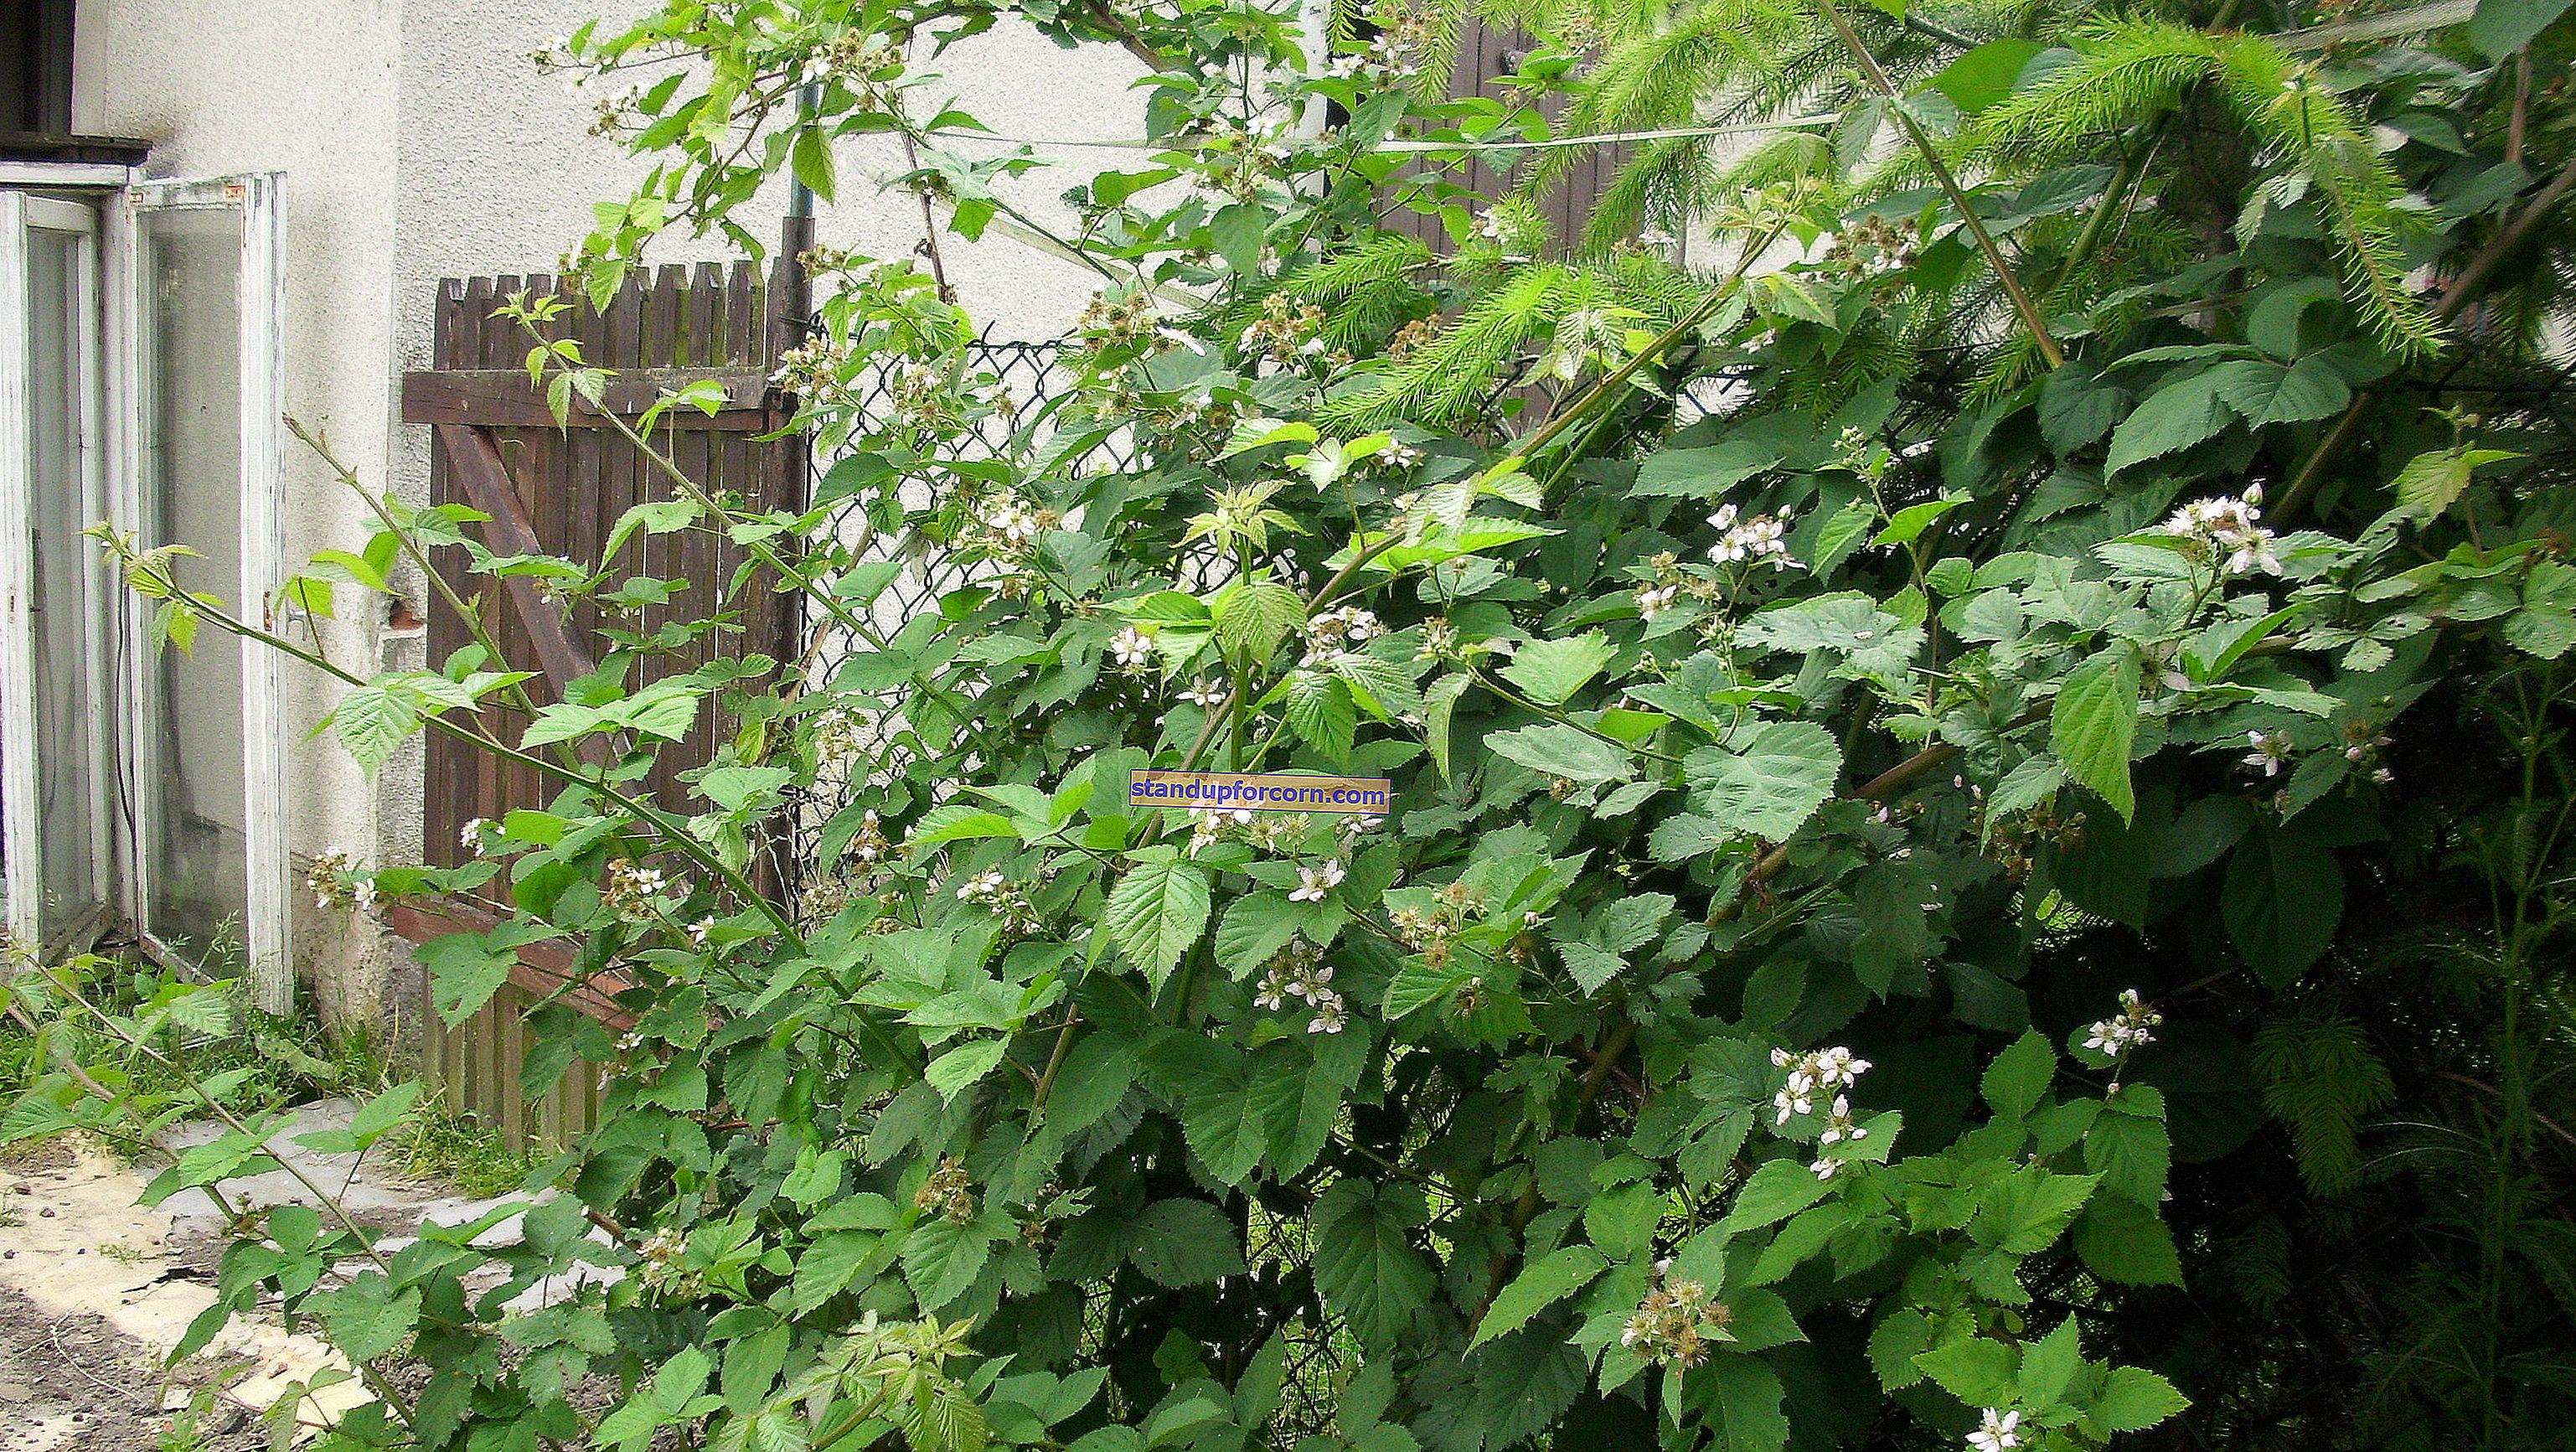 Tornfri björnbär - sorter, odling, beskärning